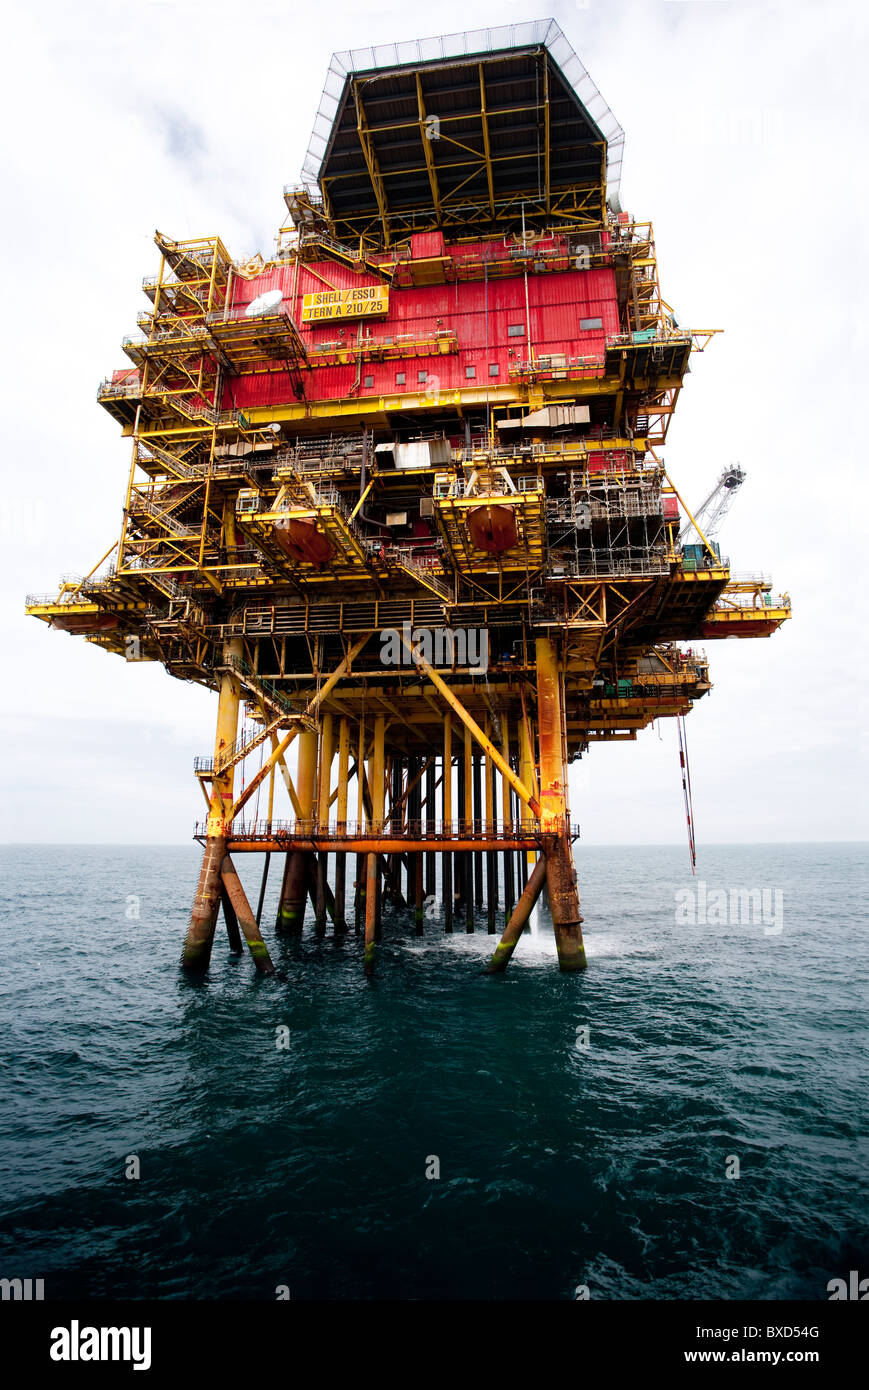 Schalten Sie eine Öl-Produktions-rig Stockbild